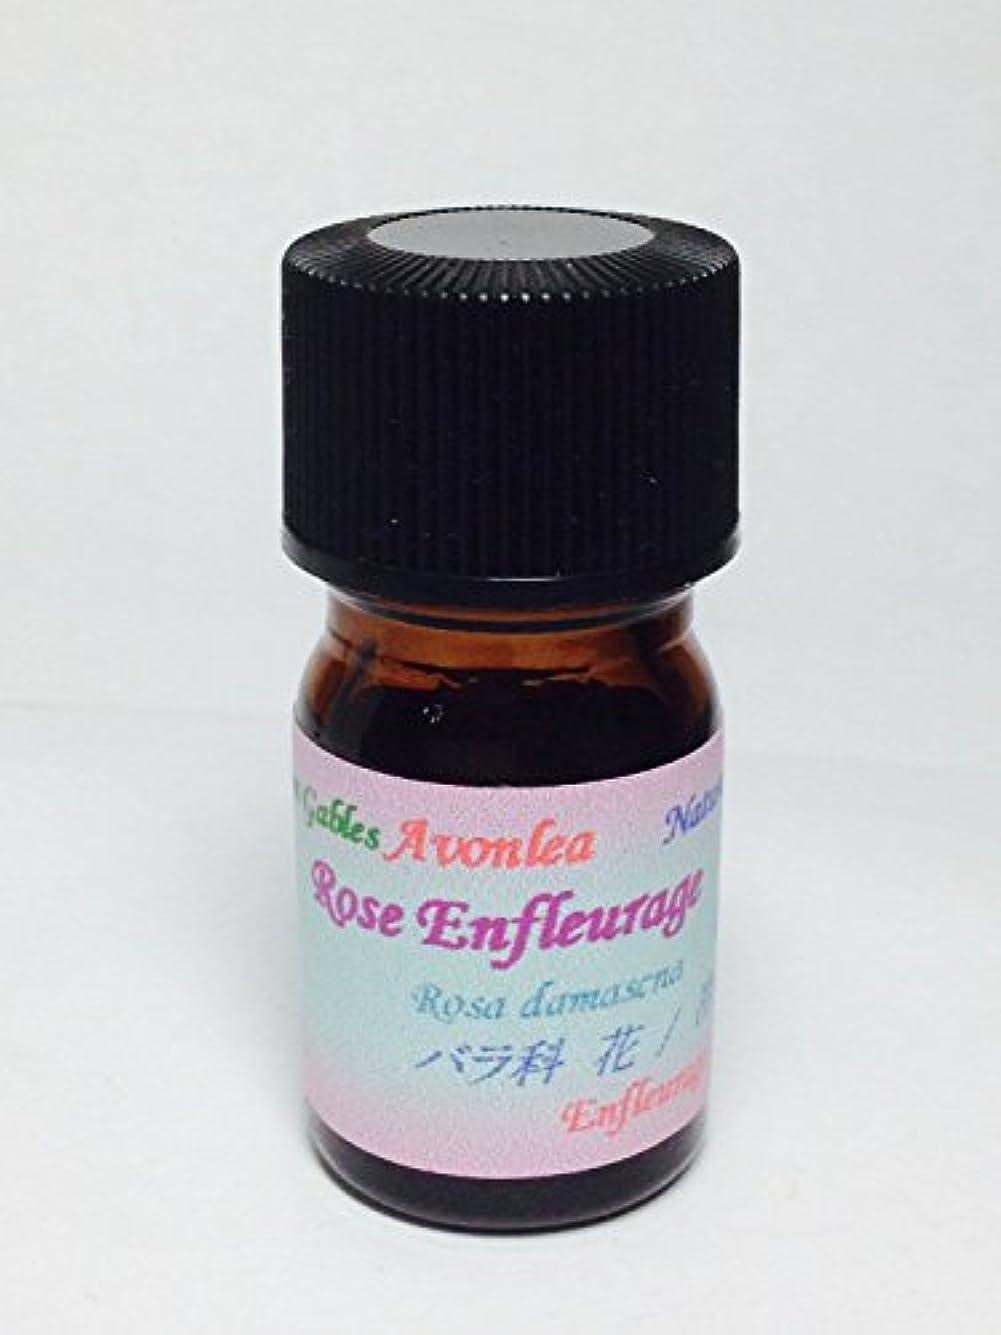 起こりやすい層処方ローズ エッセンシャルオイル油脂吸着法 高級精油 5ml